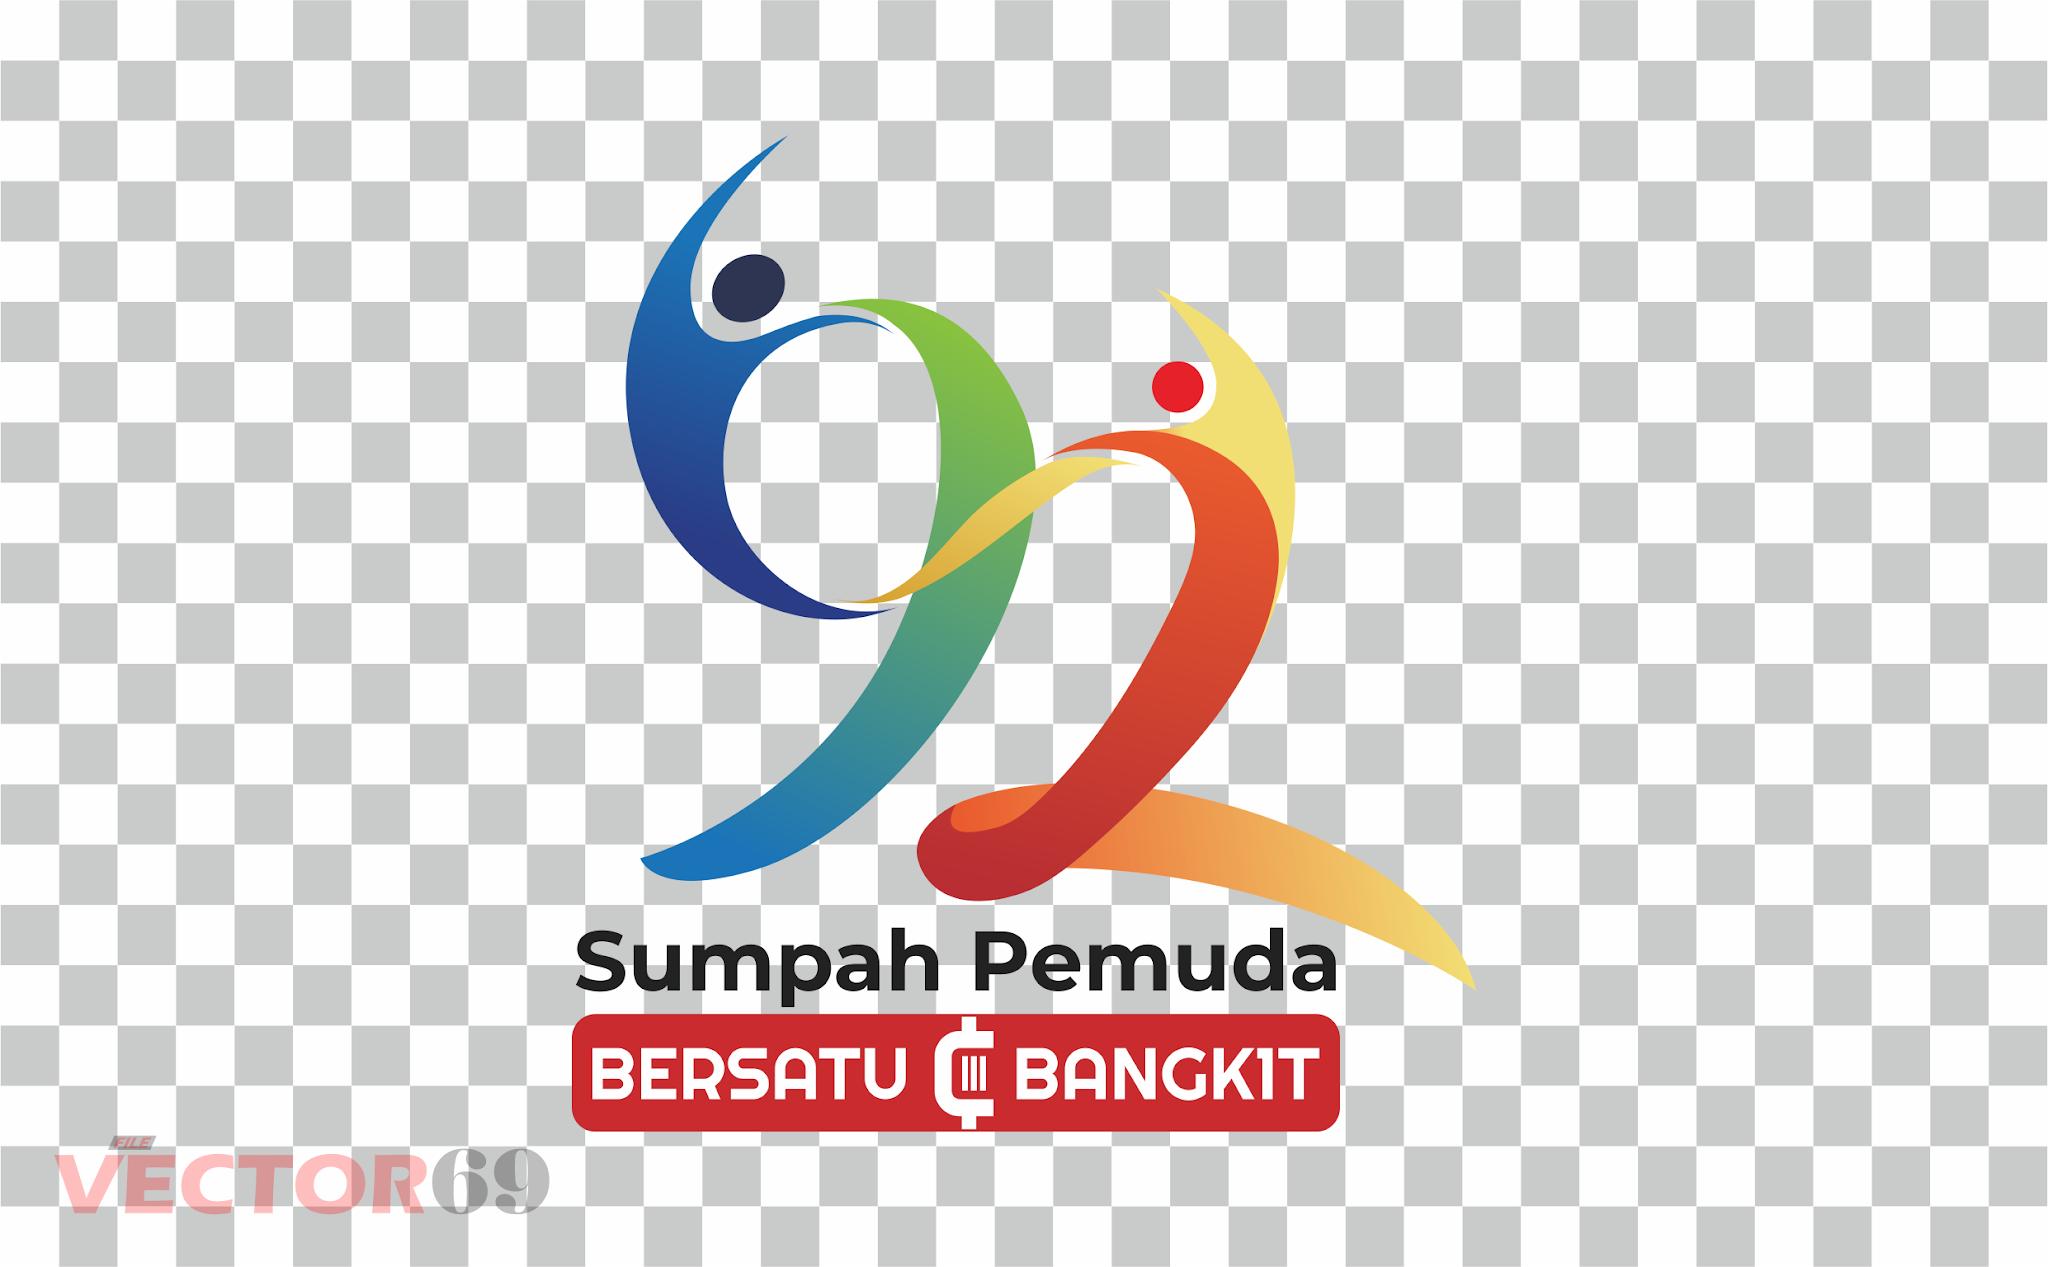 Hari Sumpah Pemuda 2020 Logo - Download Vector File PNG (Portable Network Graphics)